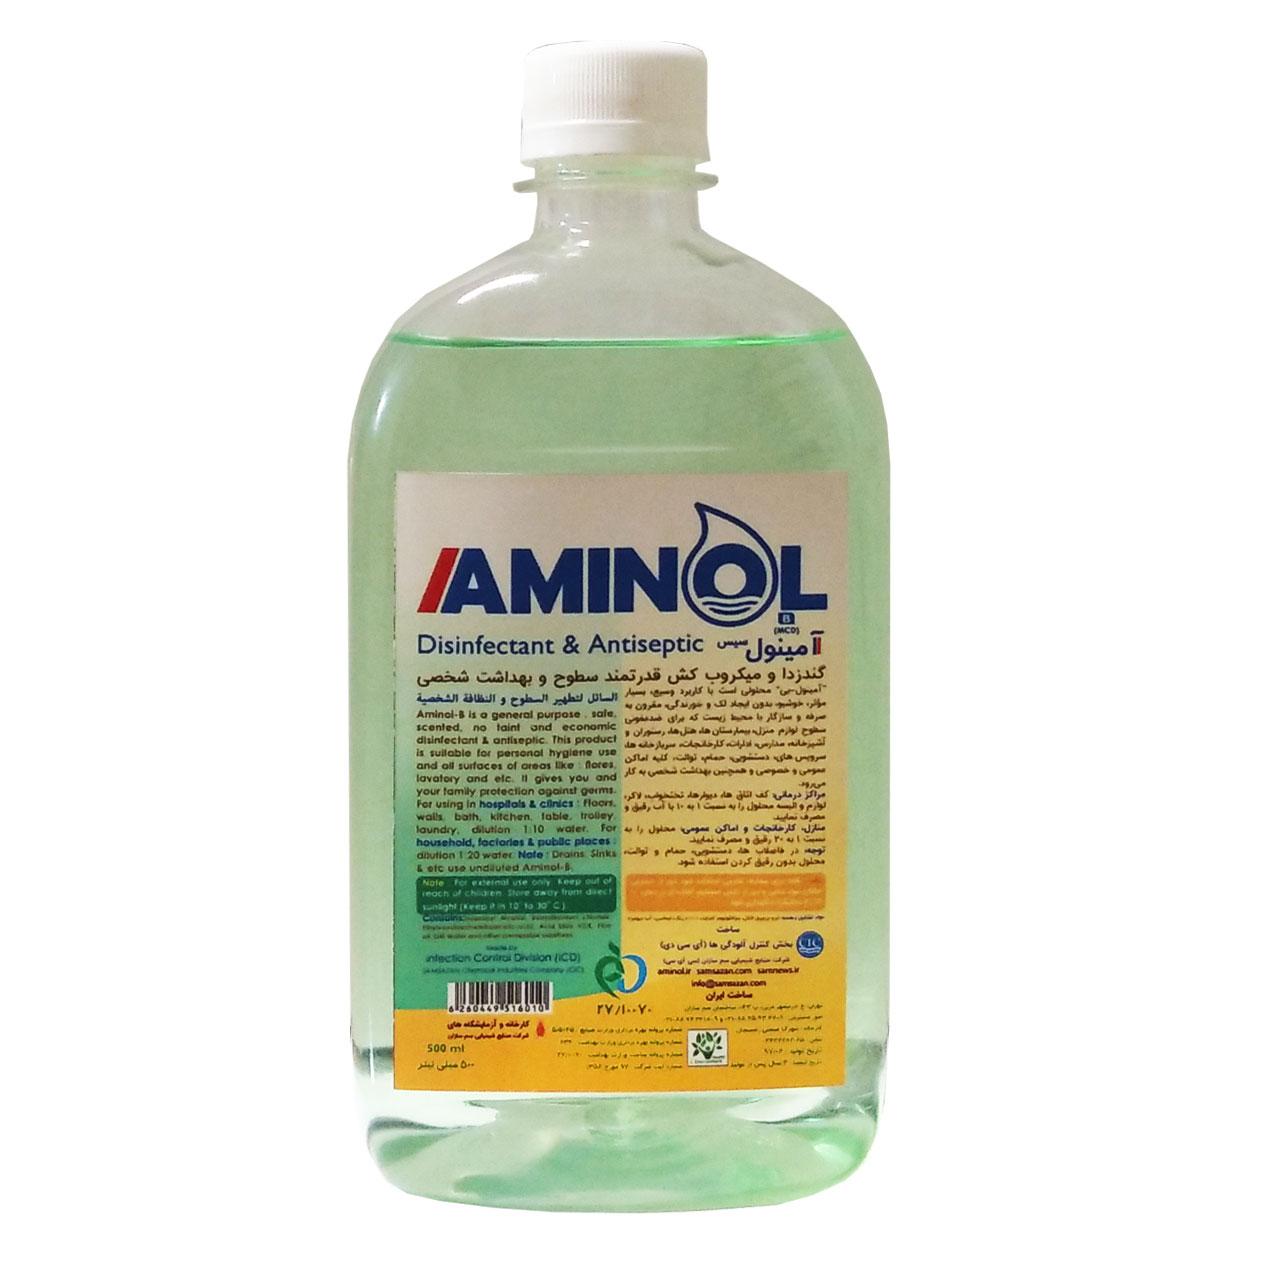 محلول ضد عفونی سطوح و البسه آمینول بی